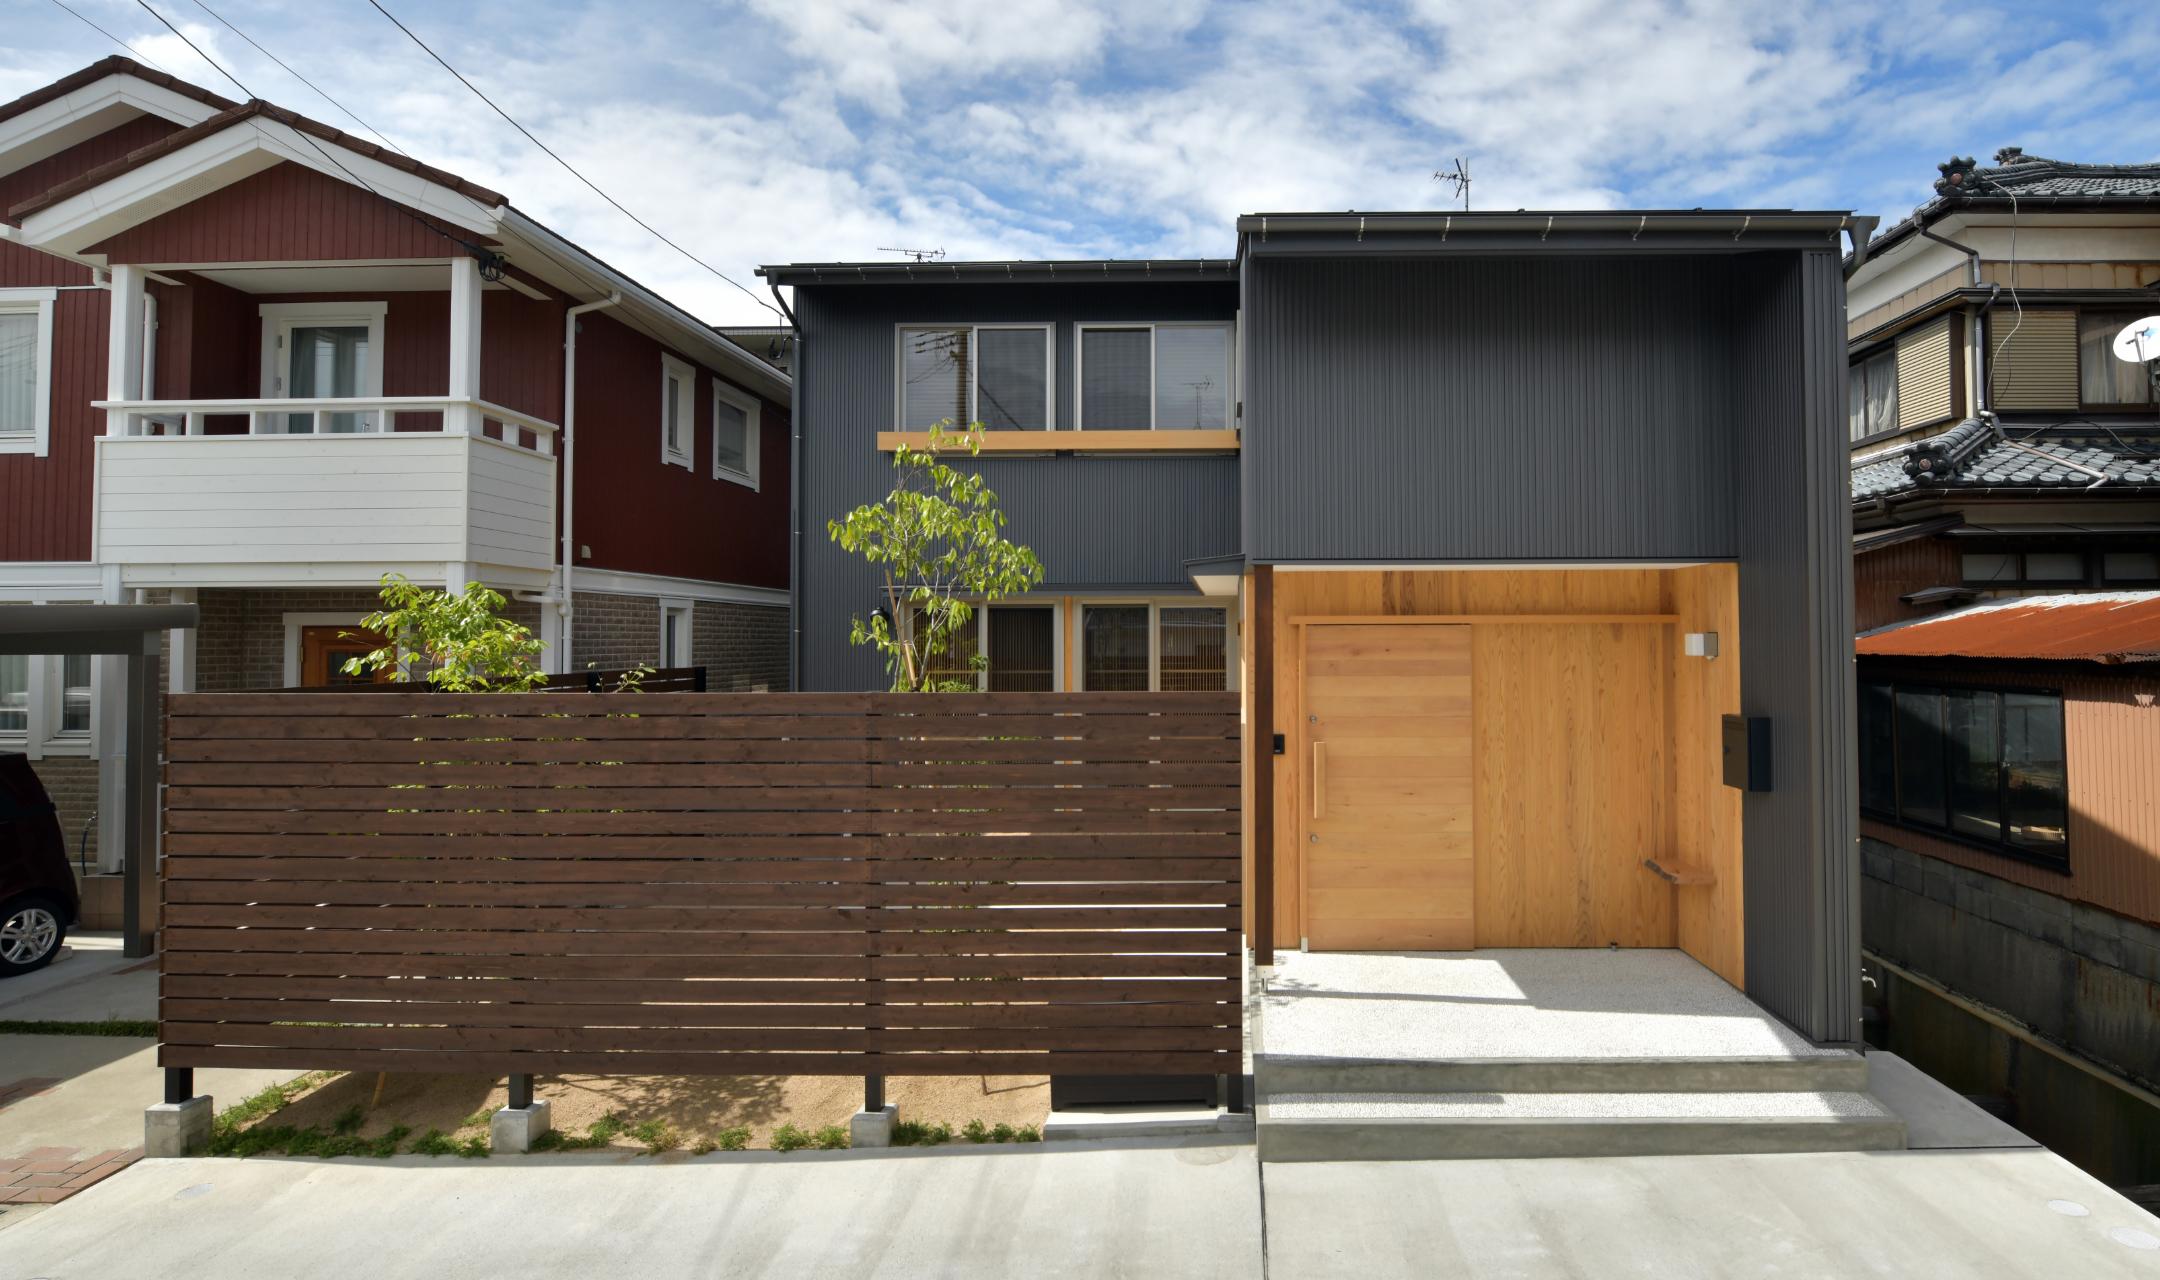 木と黒い外観が特徴の家